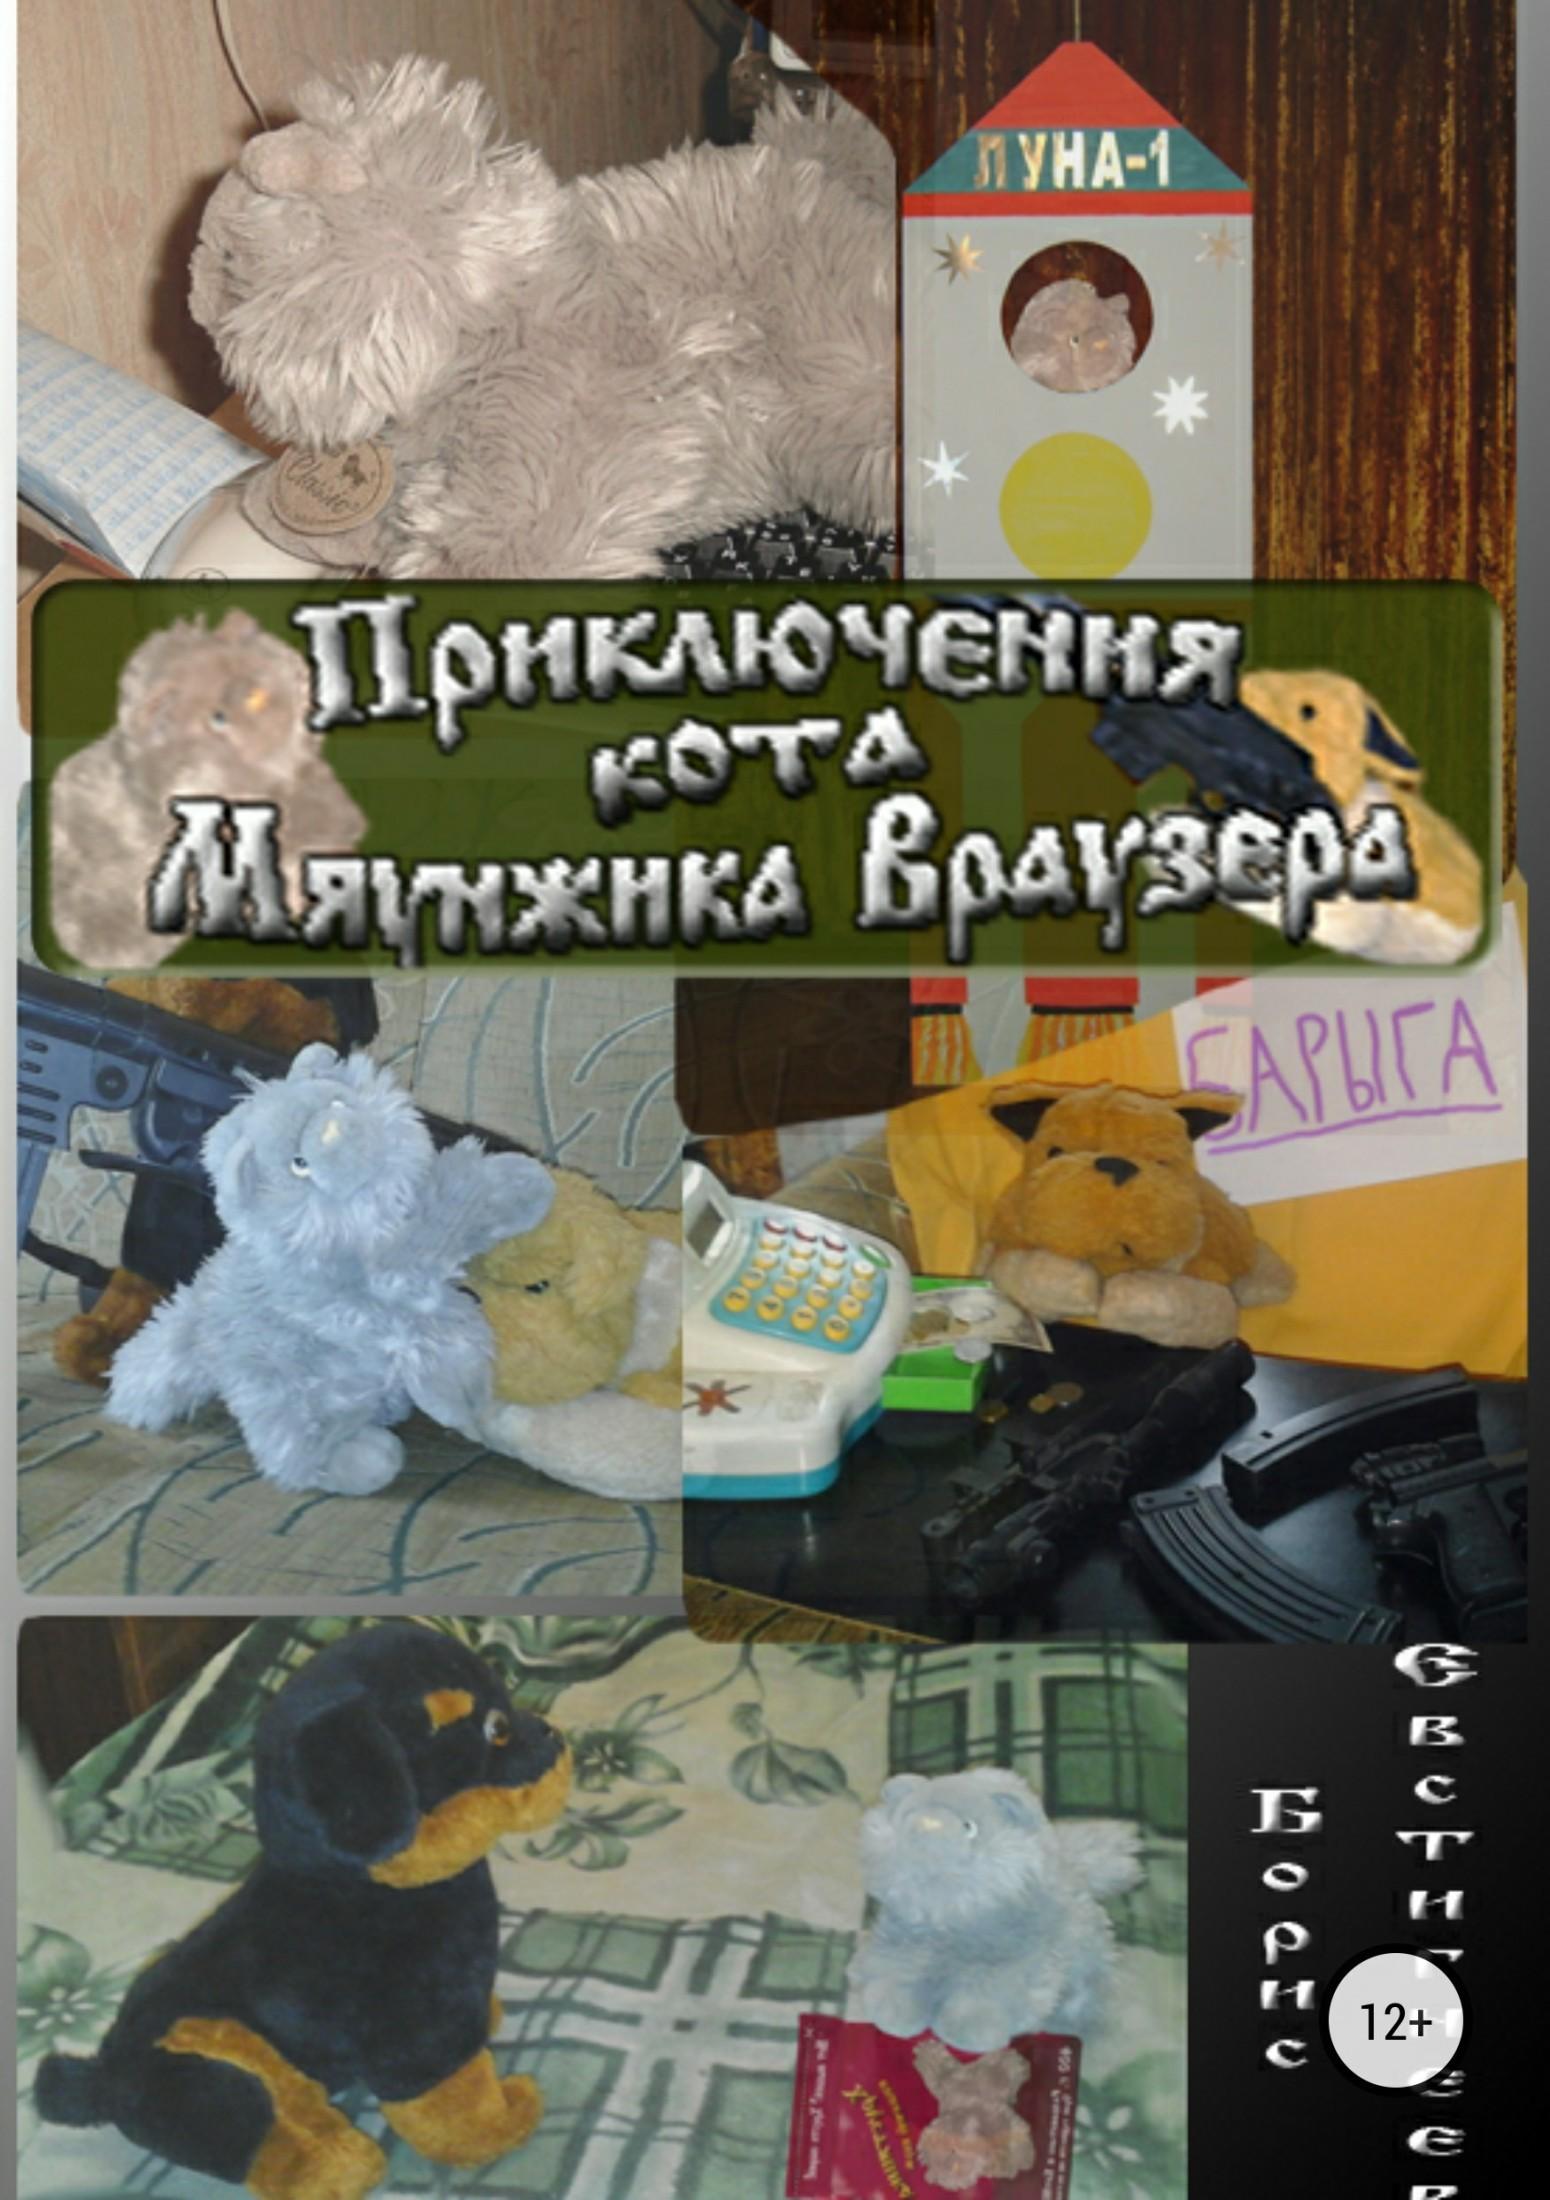 Борис Евгеньевич Евстигнеев Приключения кота Мяунжика Враузера борис евгеньевич евстигнеев коллохвиум